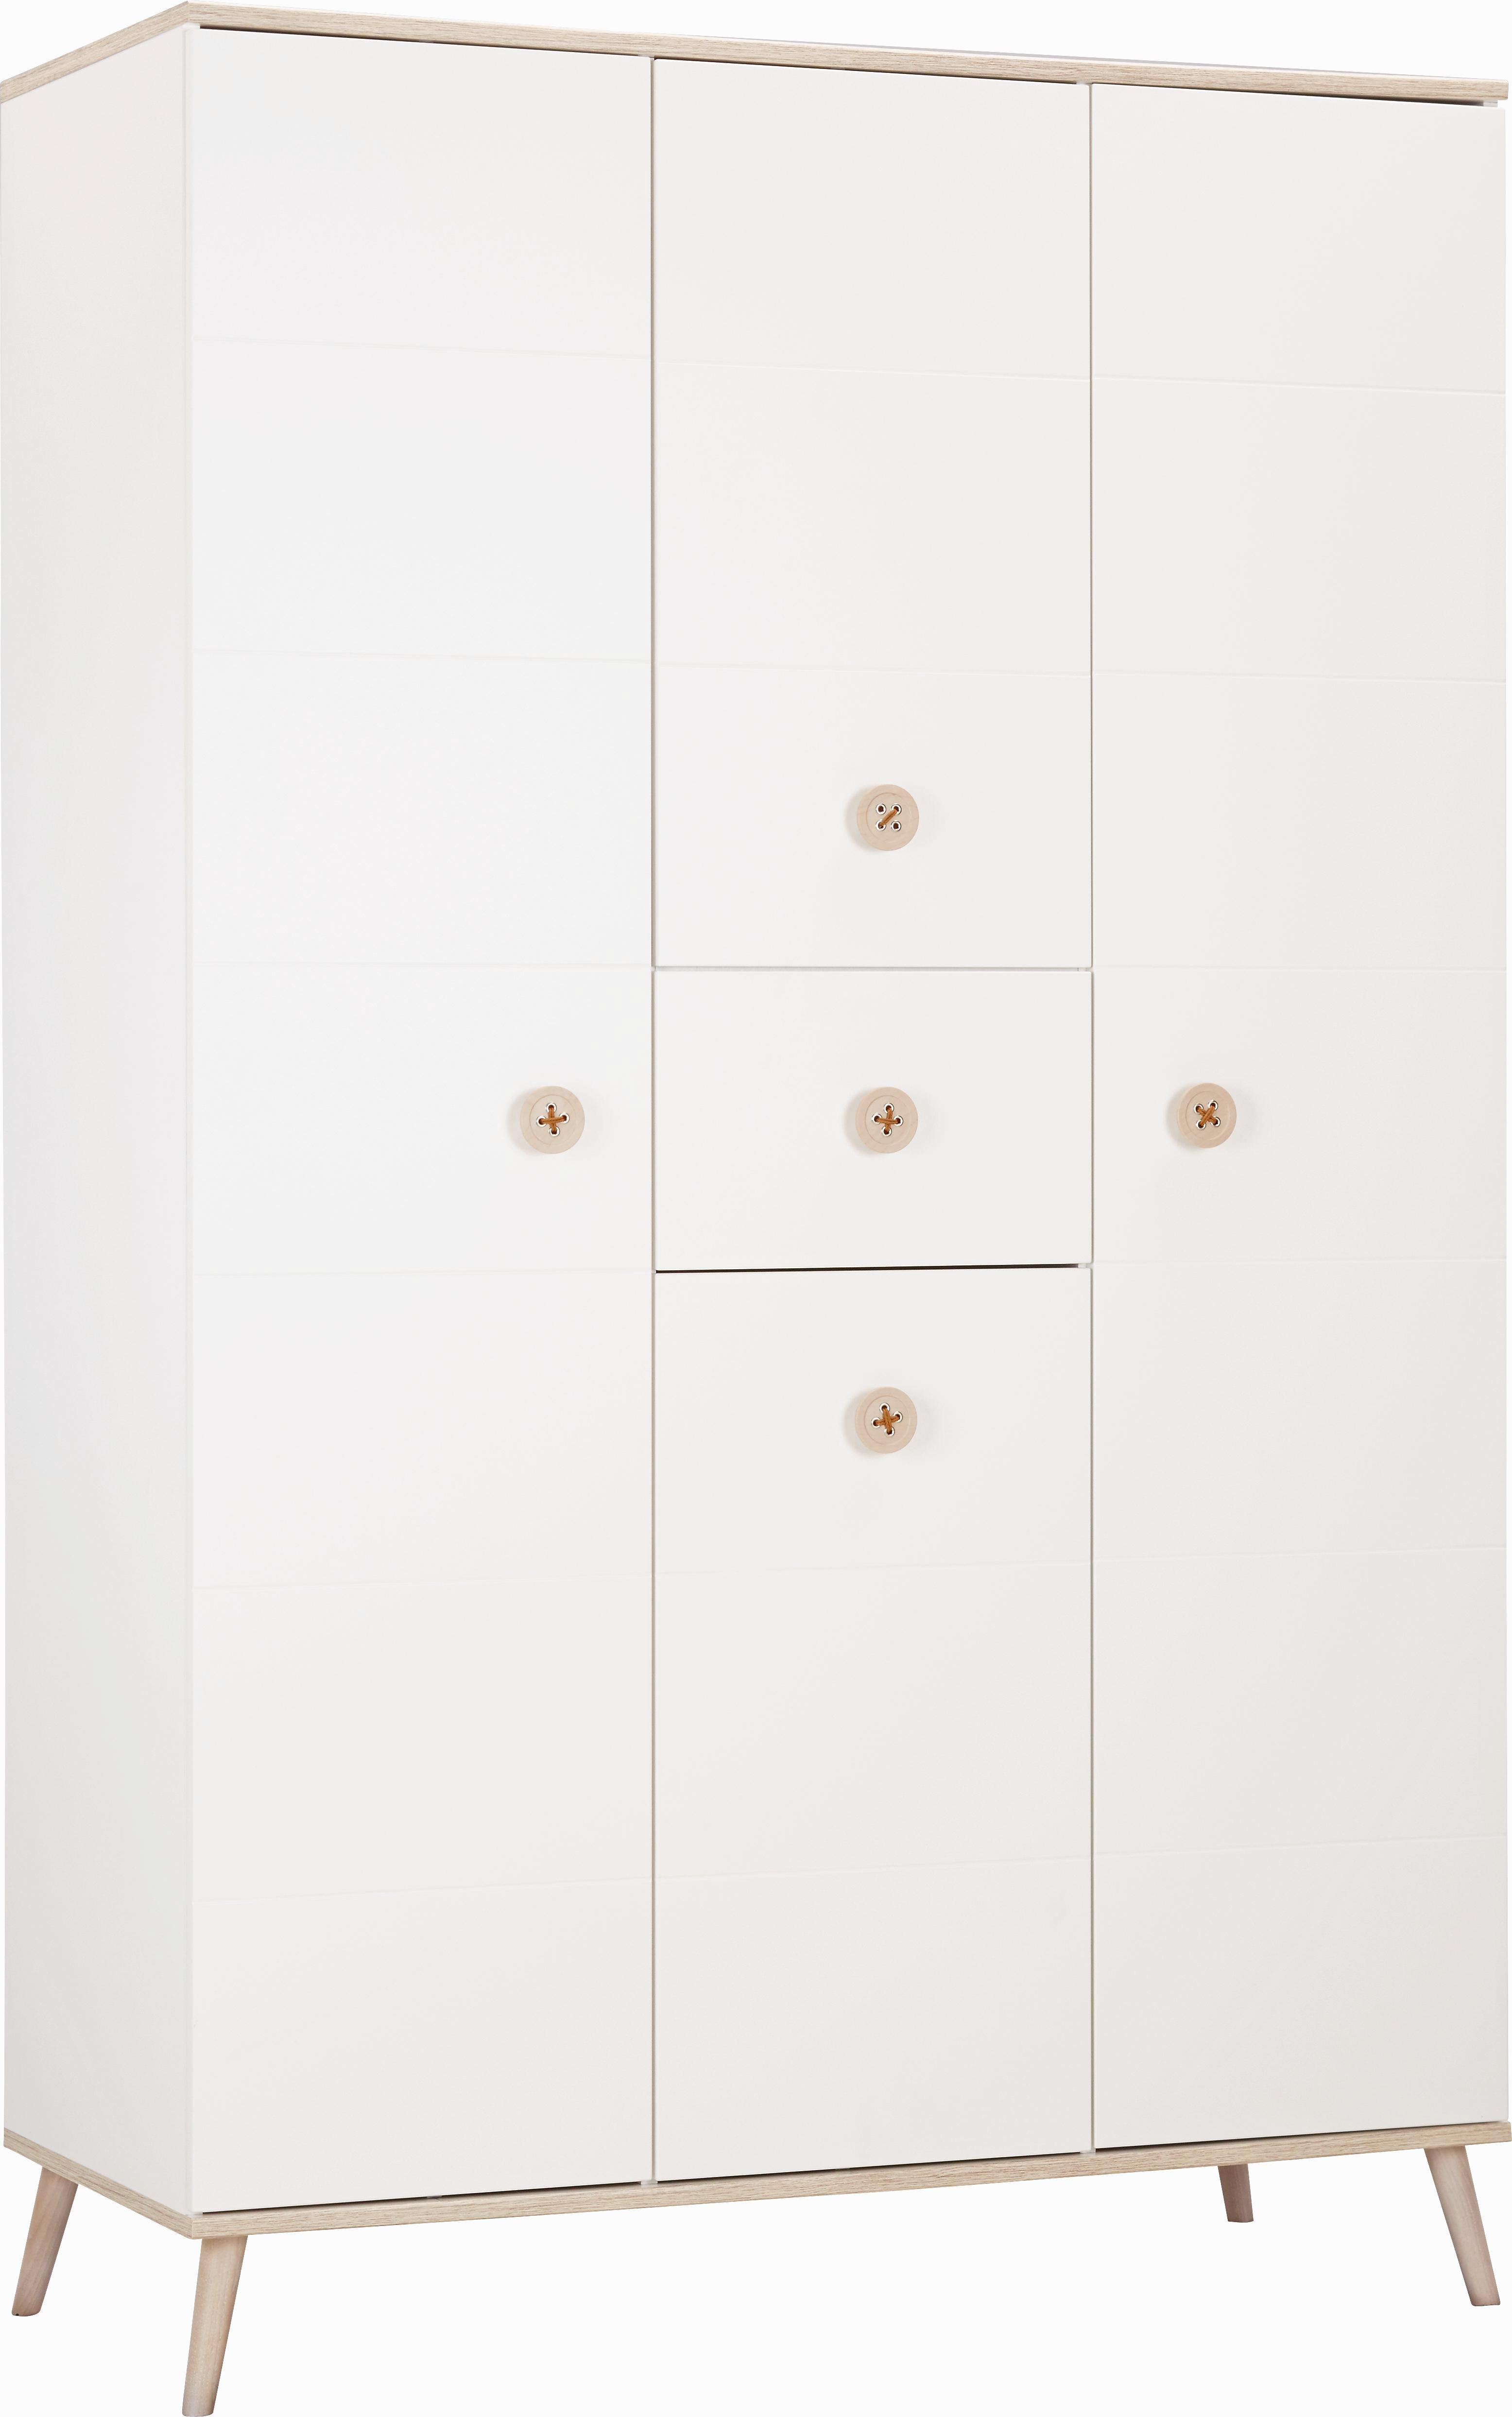 Ruhásszekrény Billund - tölgy színű/fehér, modern, fa/faanyagok (125/202/55cm) - MODERN LIVING